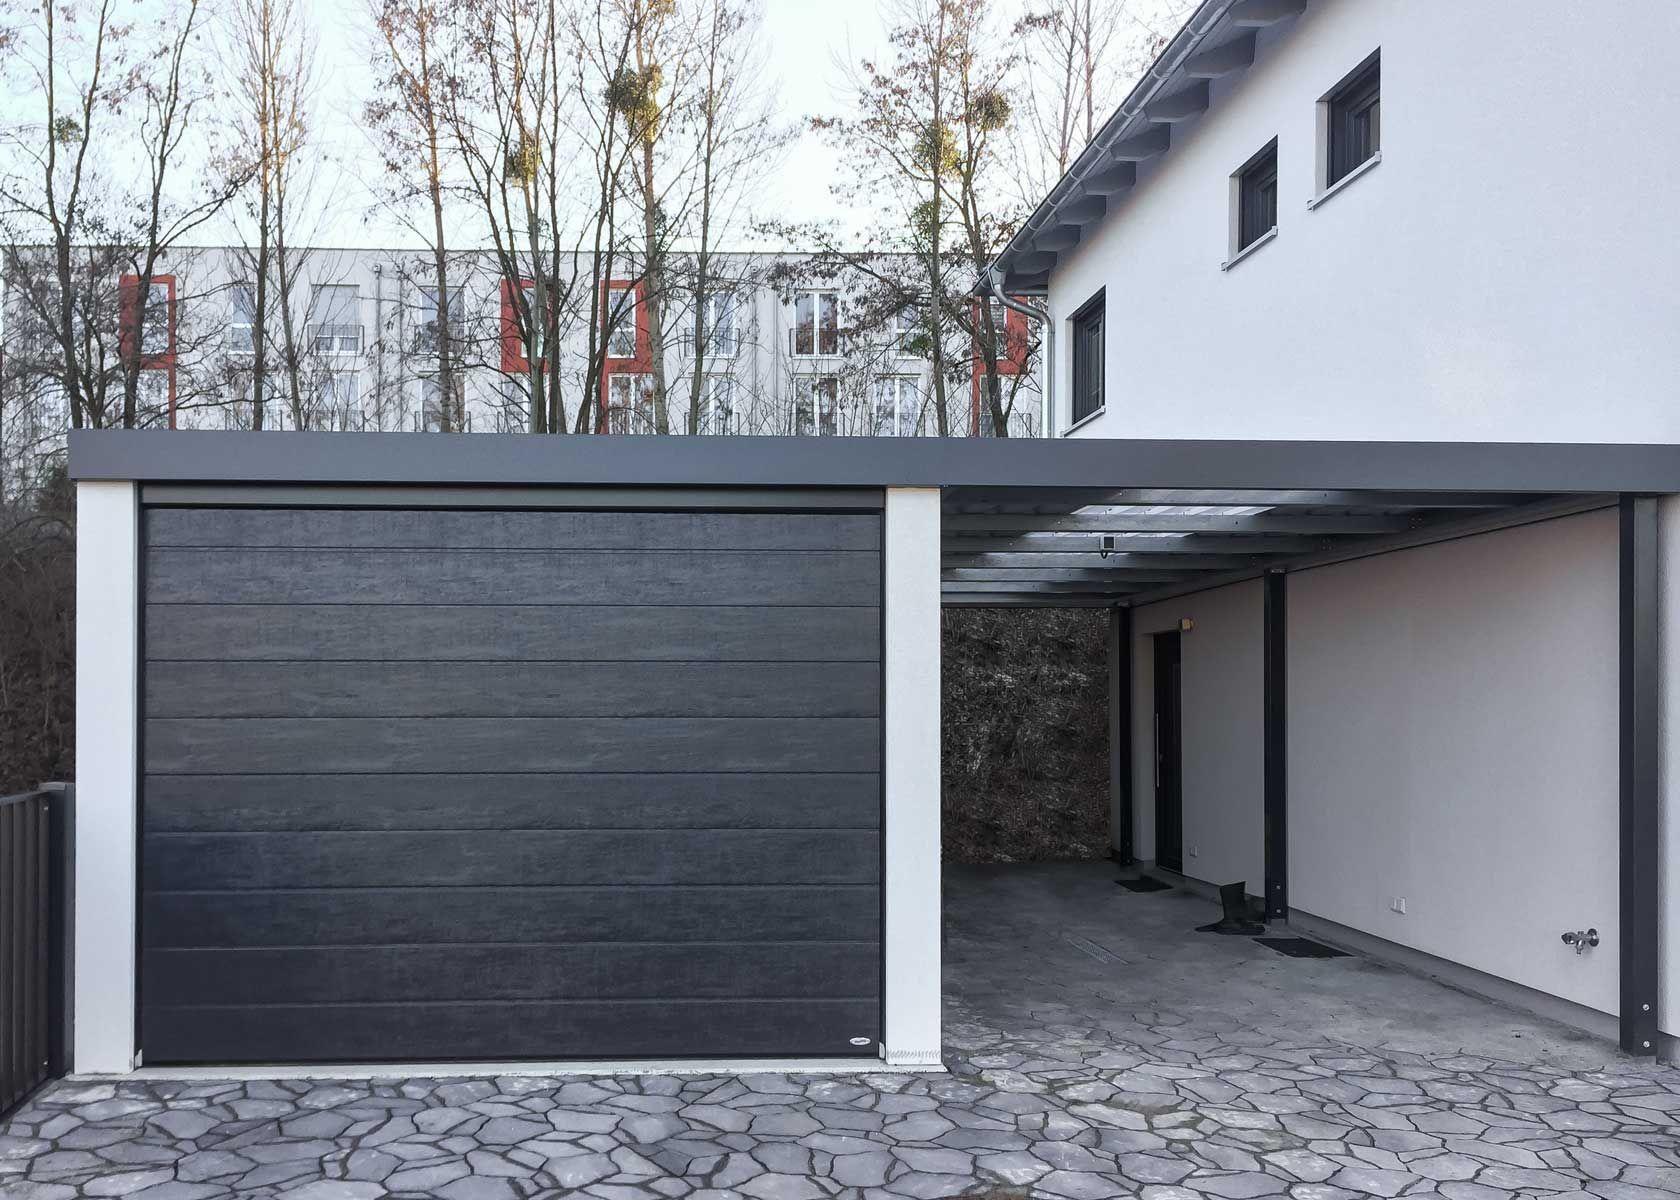 Siebau Garagen Mit Carportanbau Fertiggaragen Carport Garage Dach